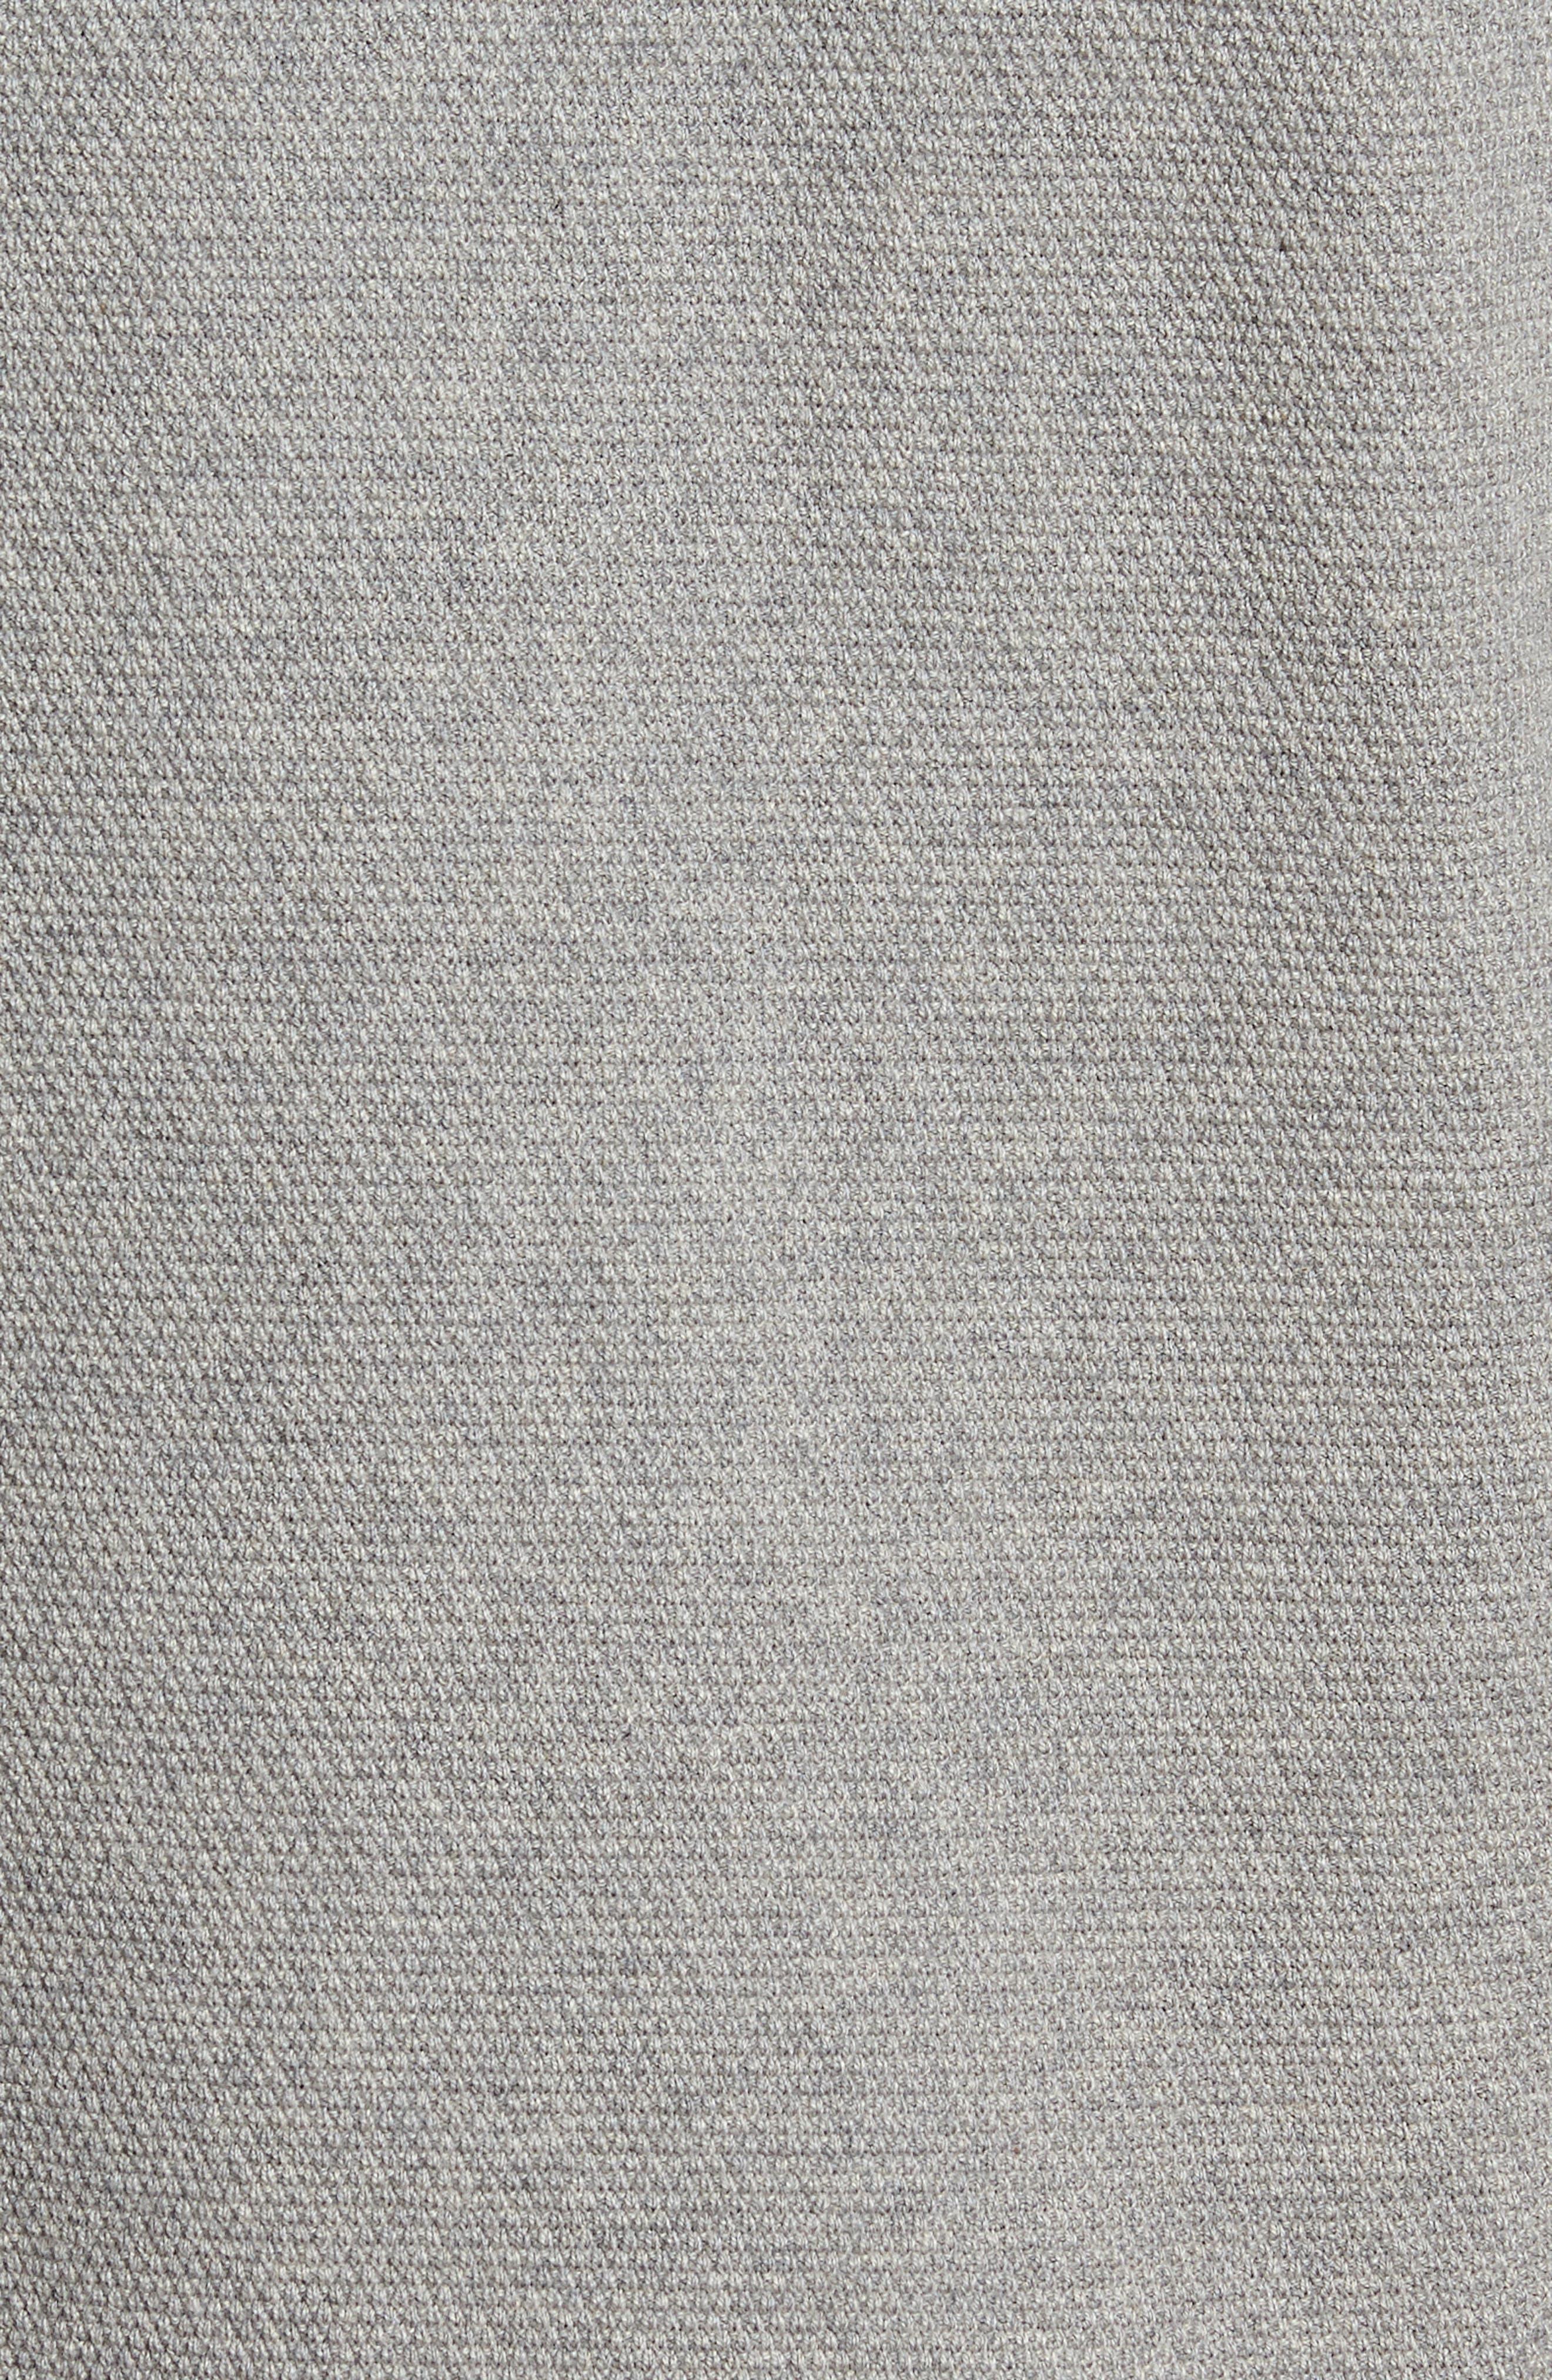 Crewneck Cotton & Cashmere Sweater,                             Alternate thumbnail 5, color,                             030